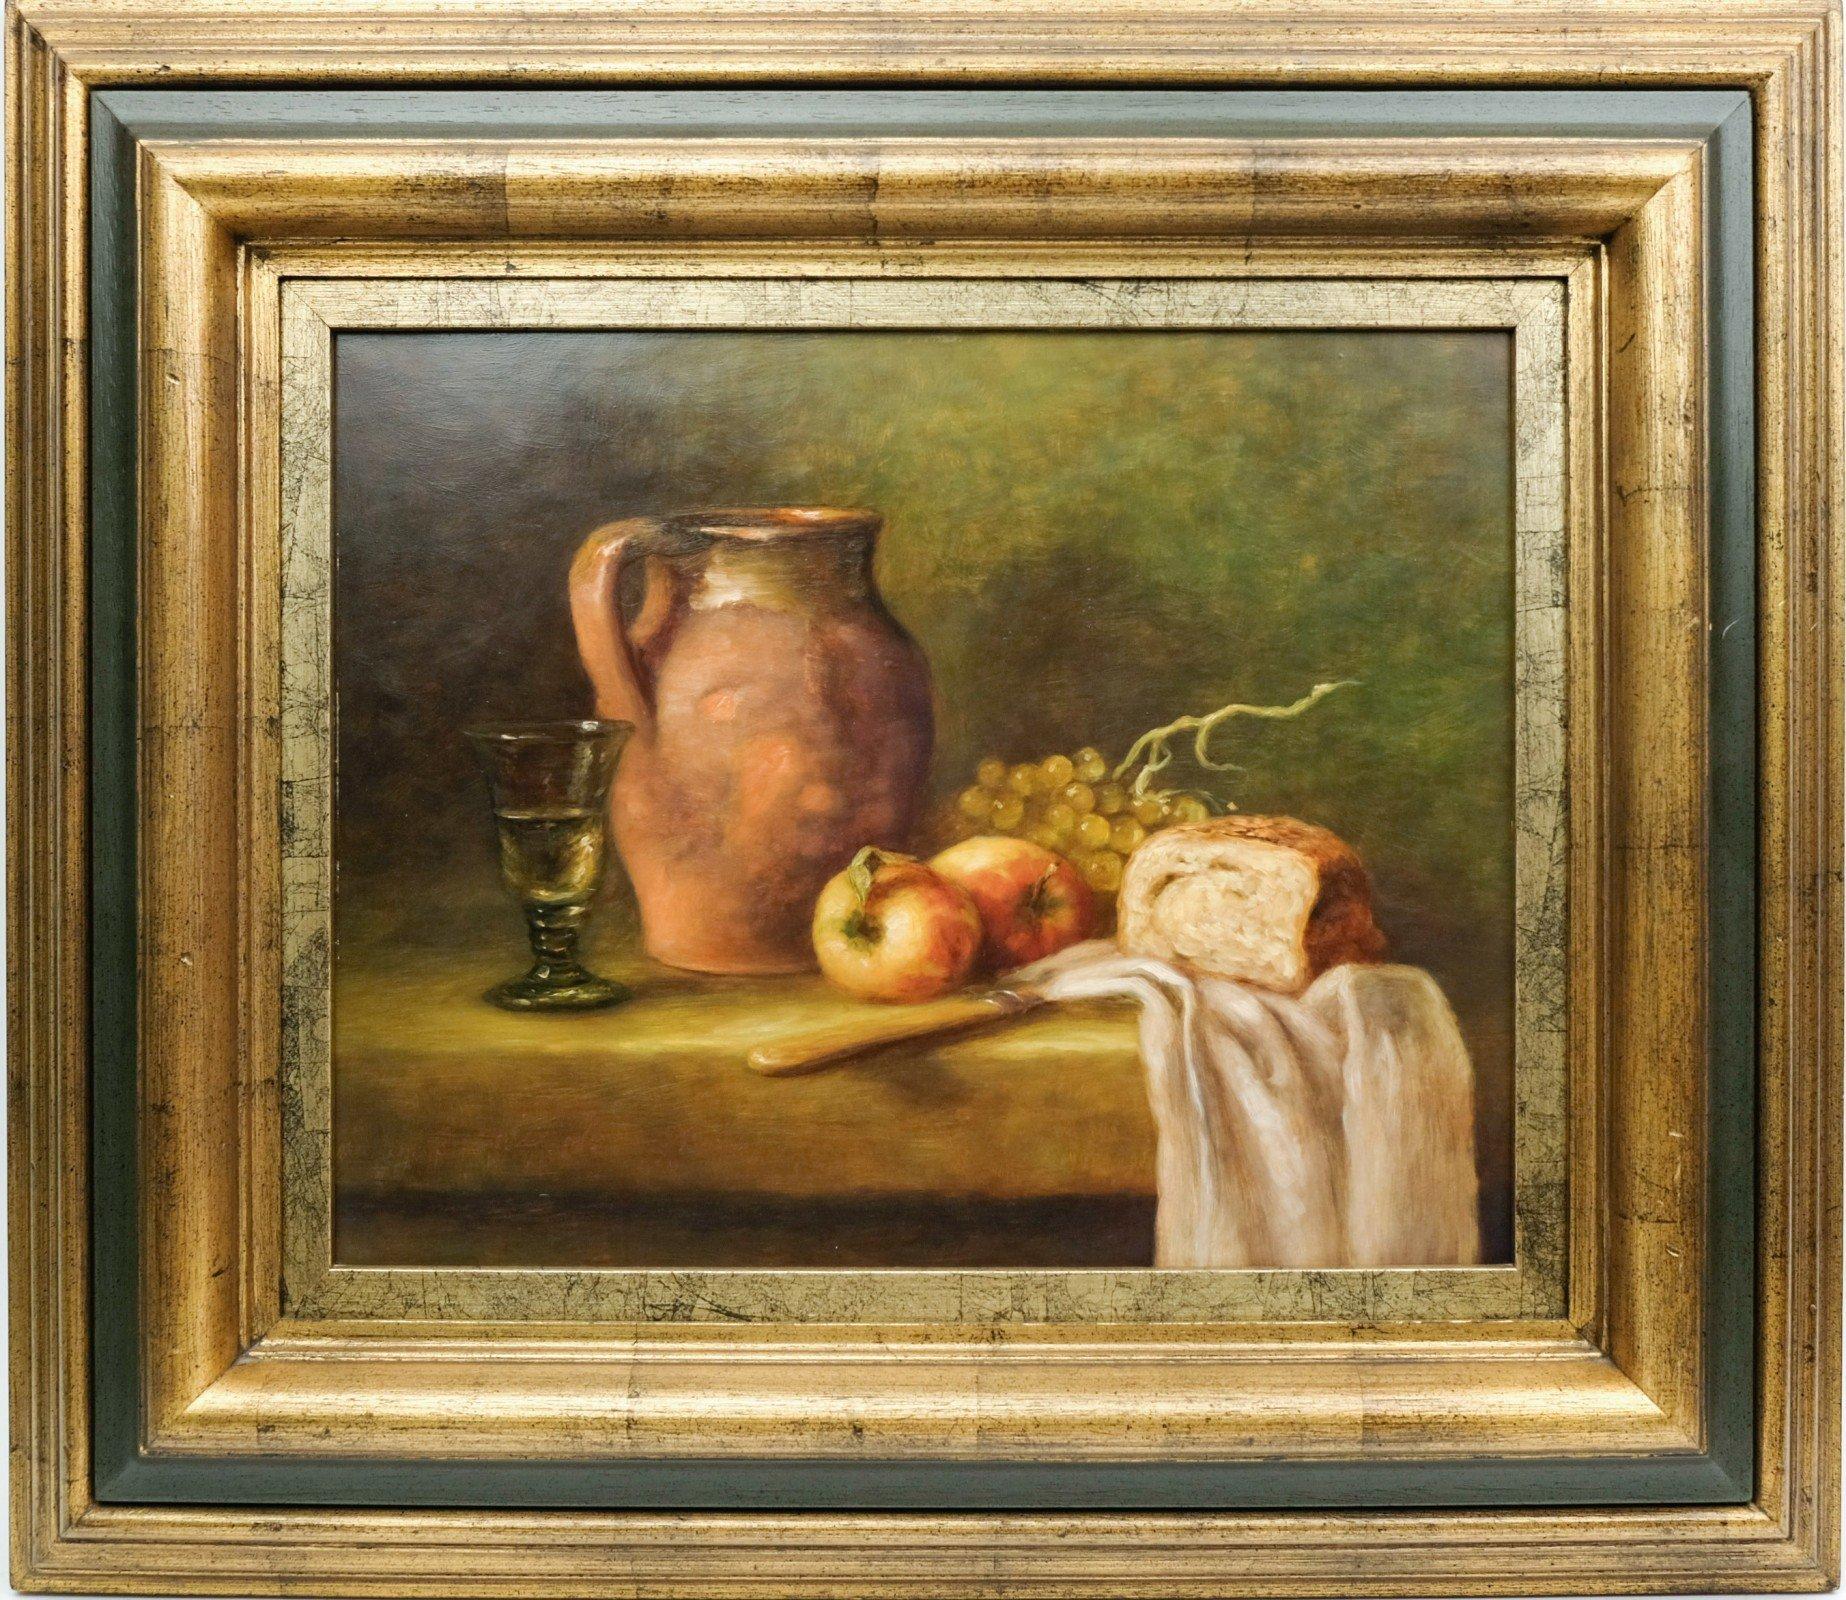 Ad de Roo (1959) - Stilleven met kruik, appels en brood